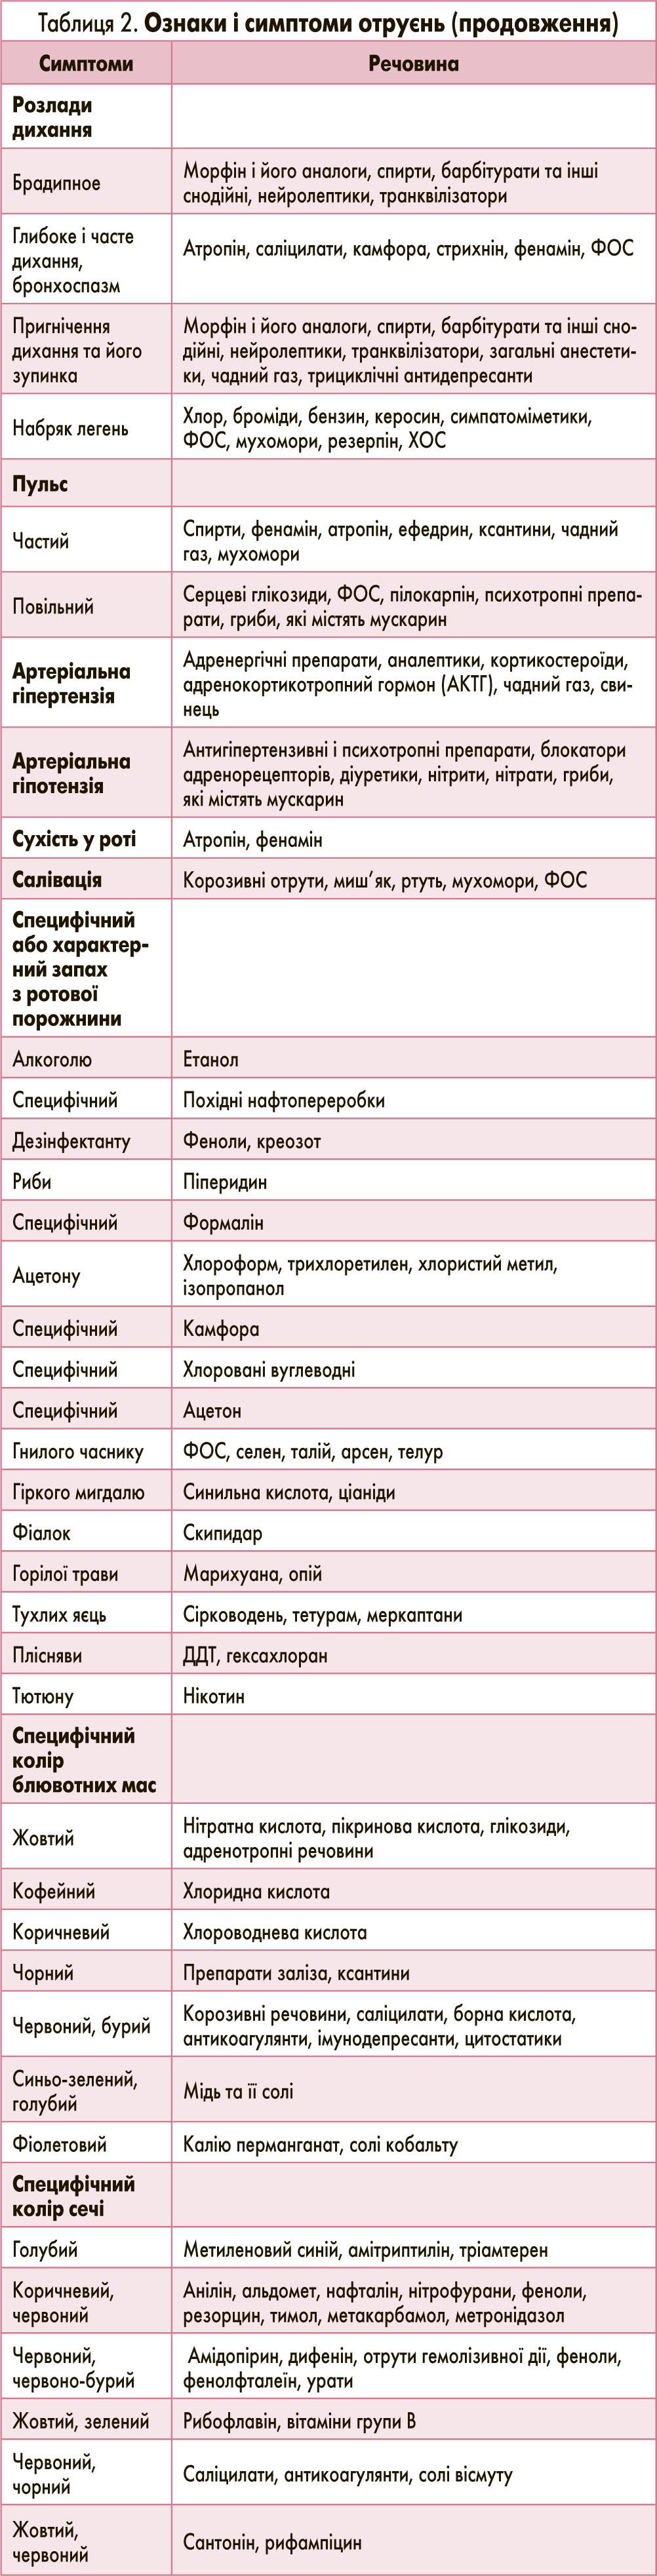 Autonomna disrefleksija | Kvantum-tim Medicinska Trgovina